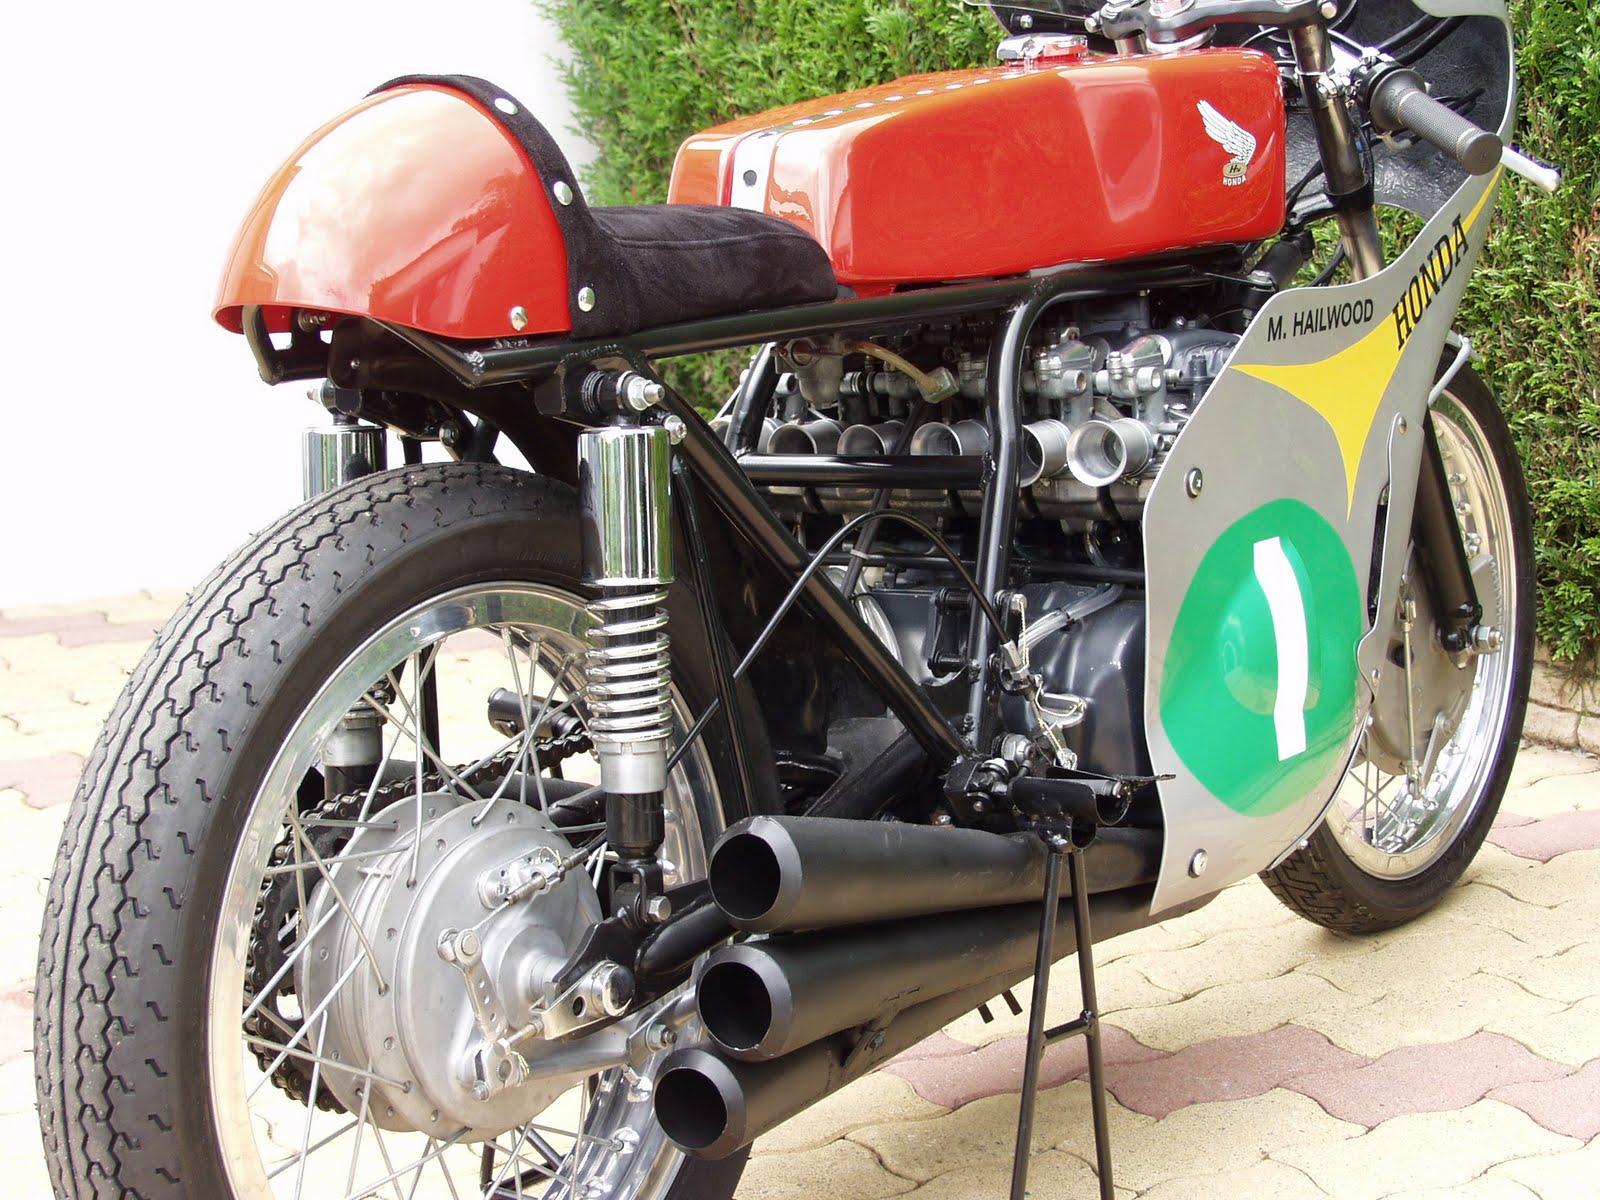 Réplique de Honda RC 166 P1030069